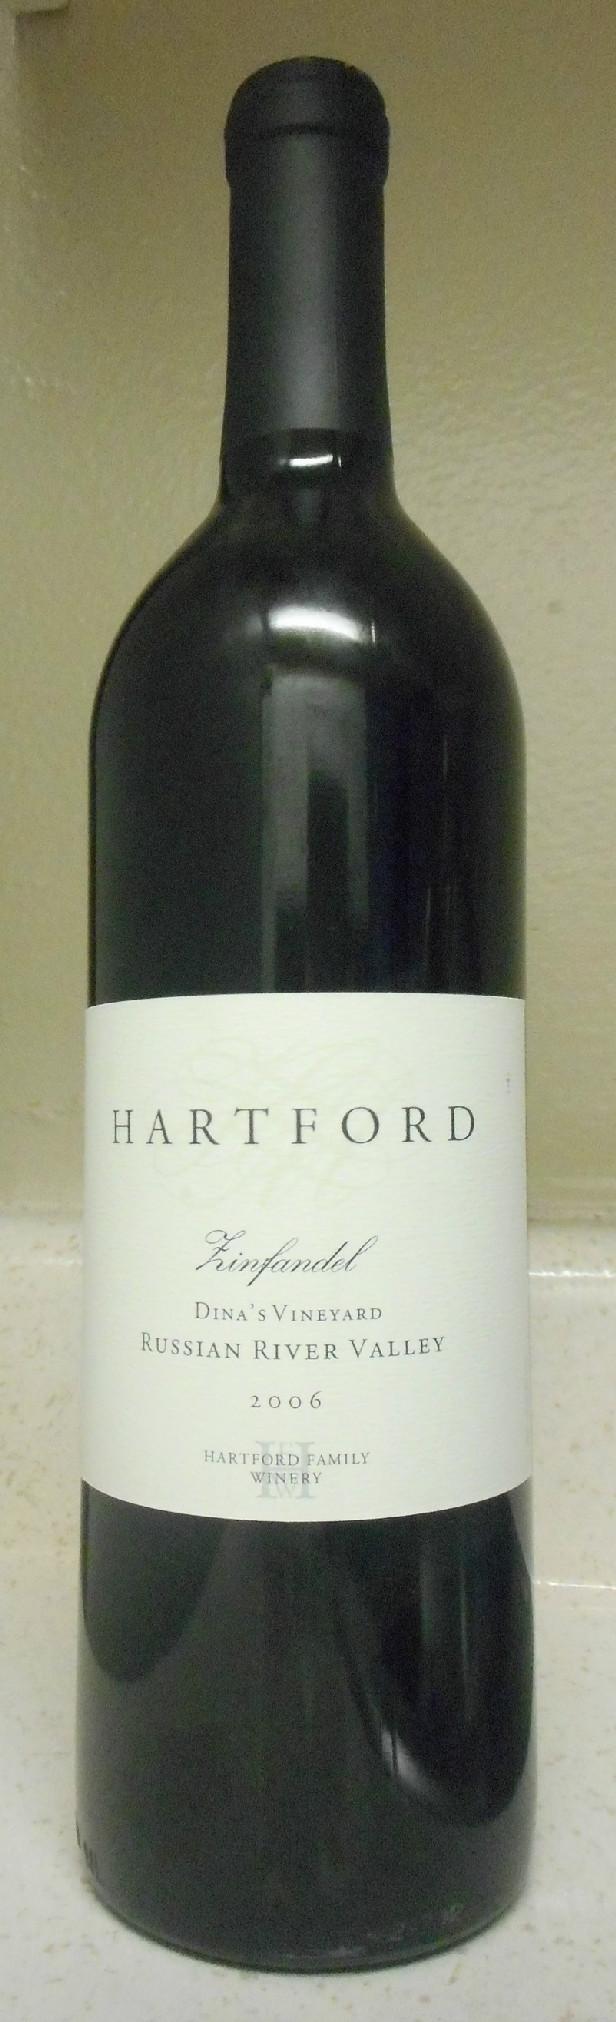 2006-hartford-zin